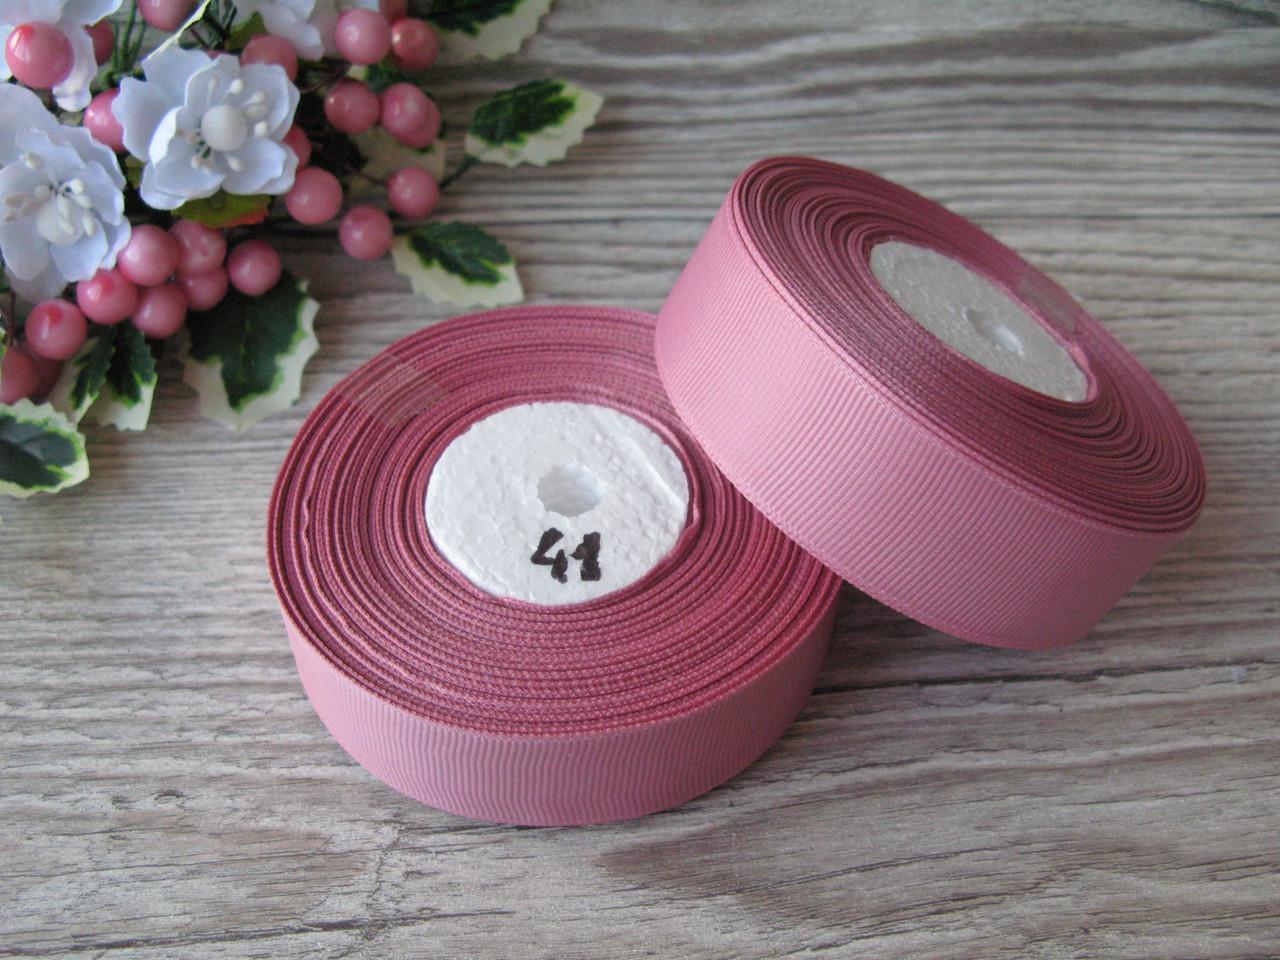 Репс однотонный на метраж. Цвет Пепельно Розовый.  Ширина 2.5 см 3.10 грн за 1 метр